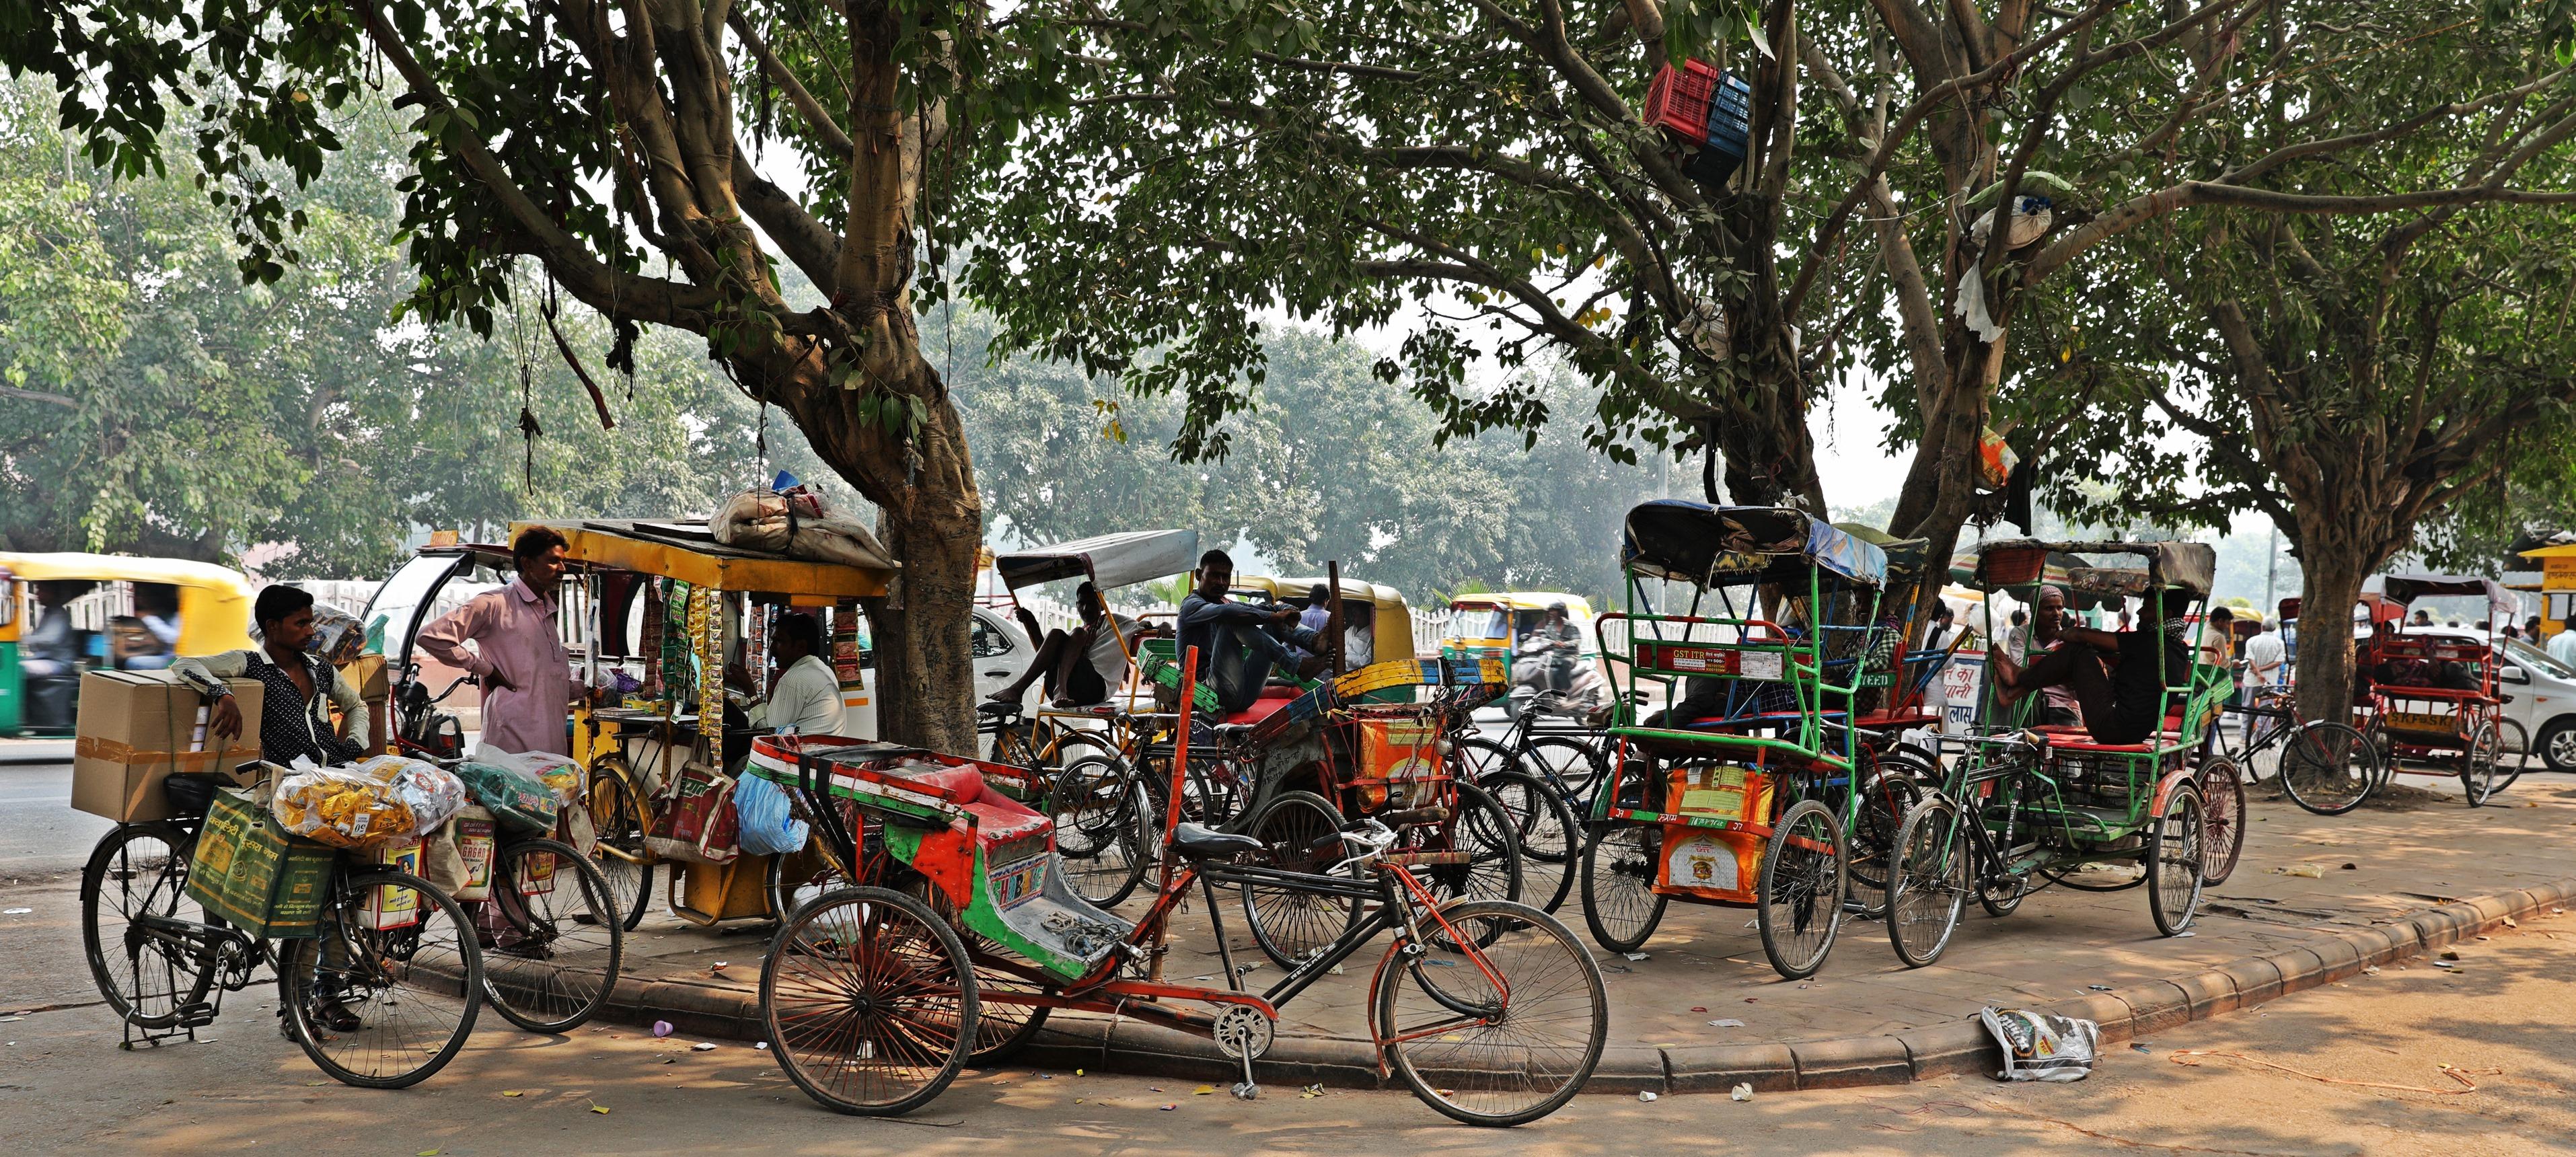 Rickshaws, Delhi